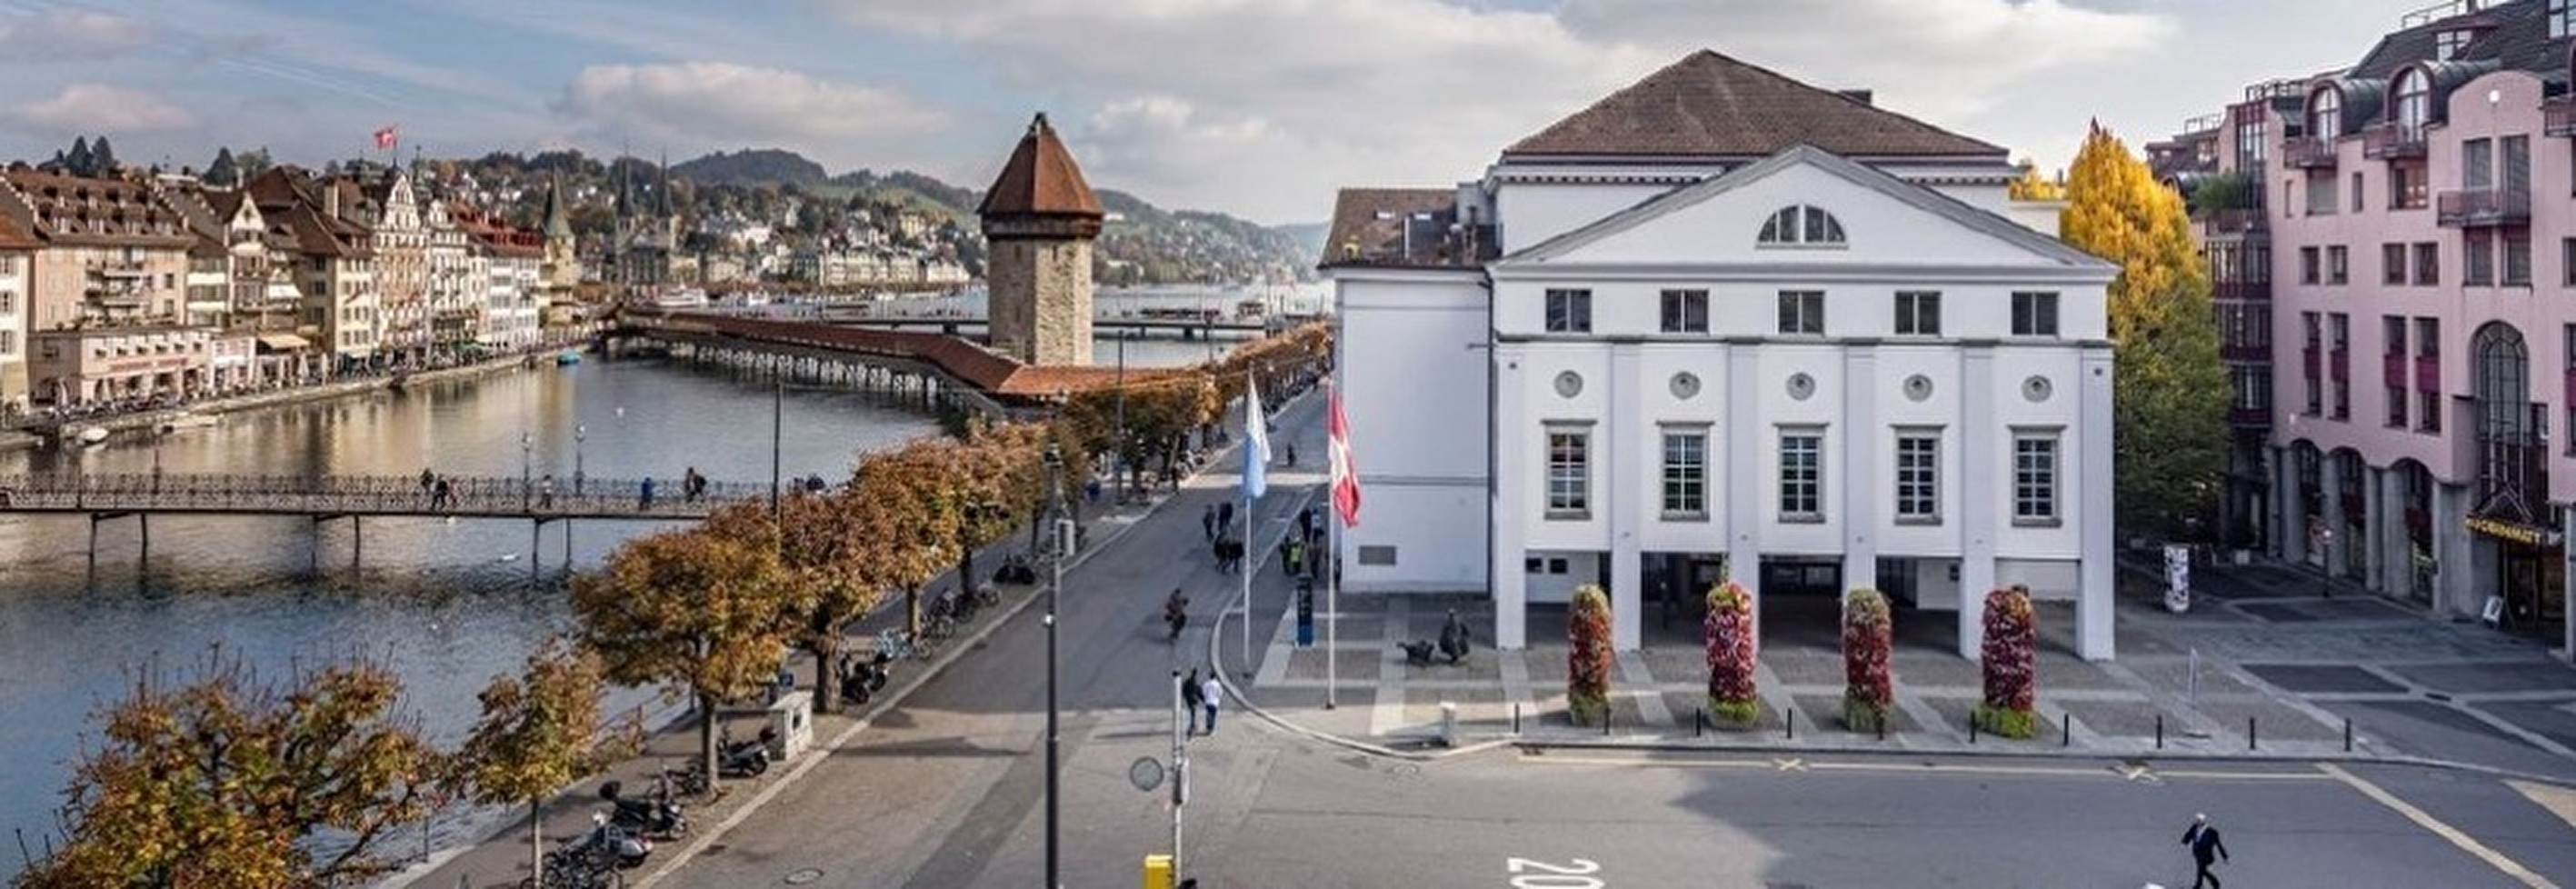 Neues Luzerner Theater